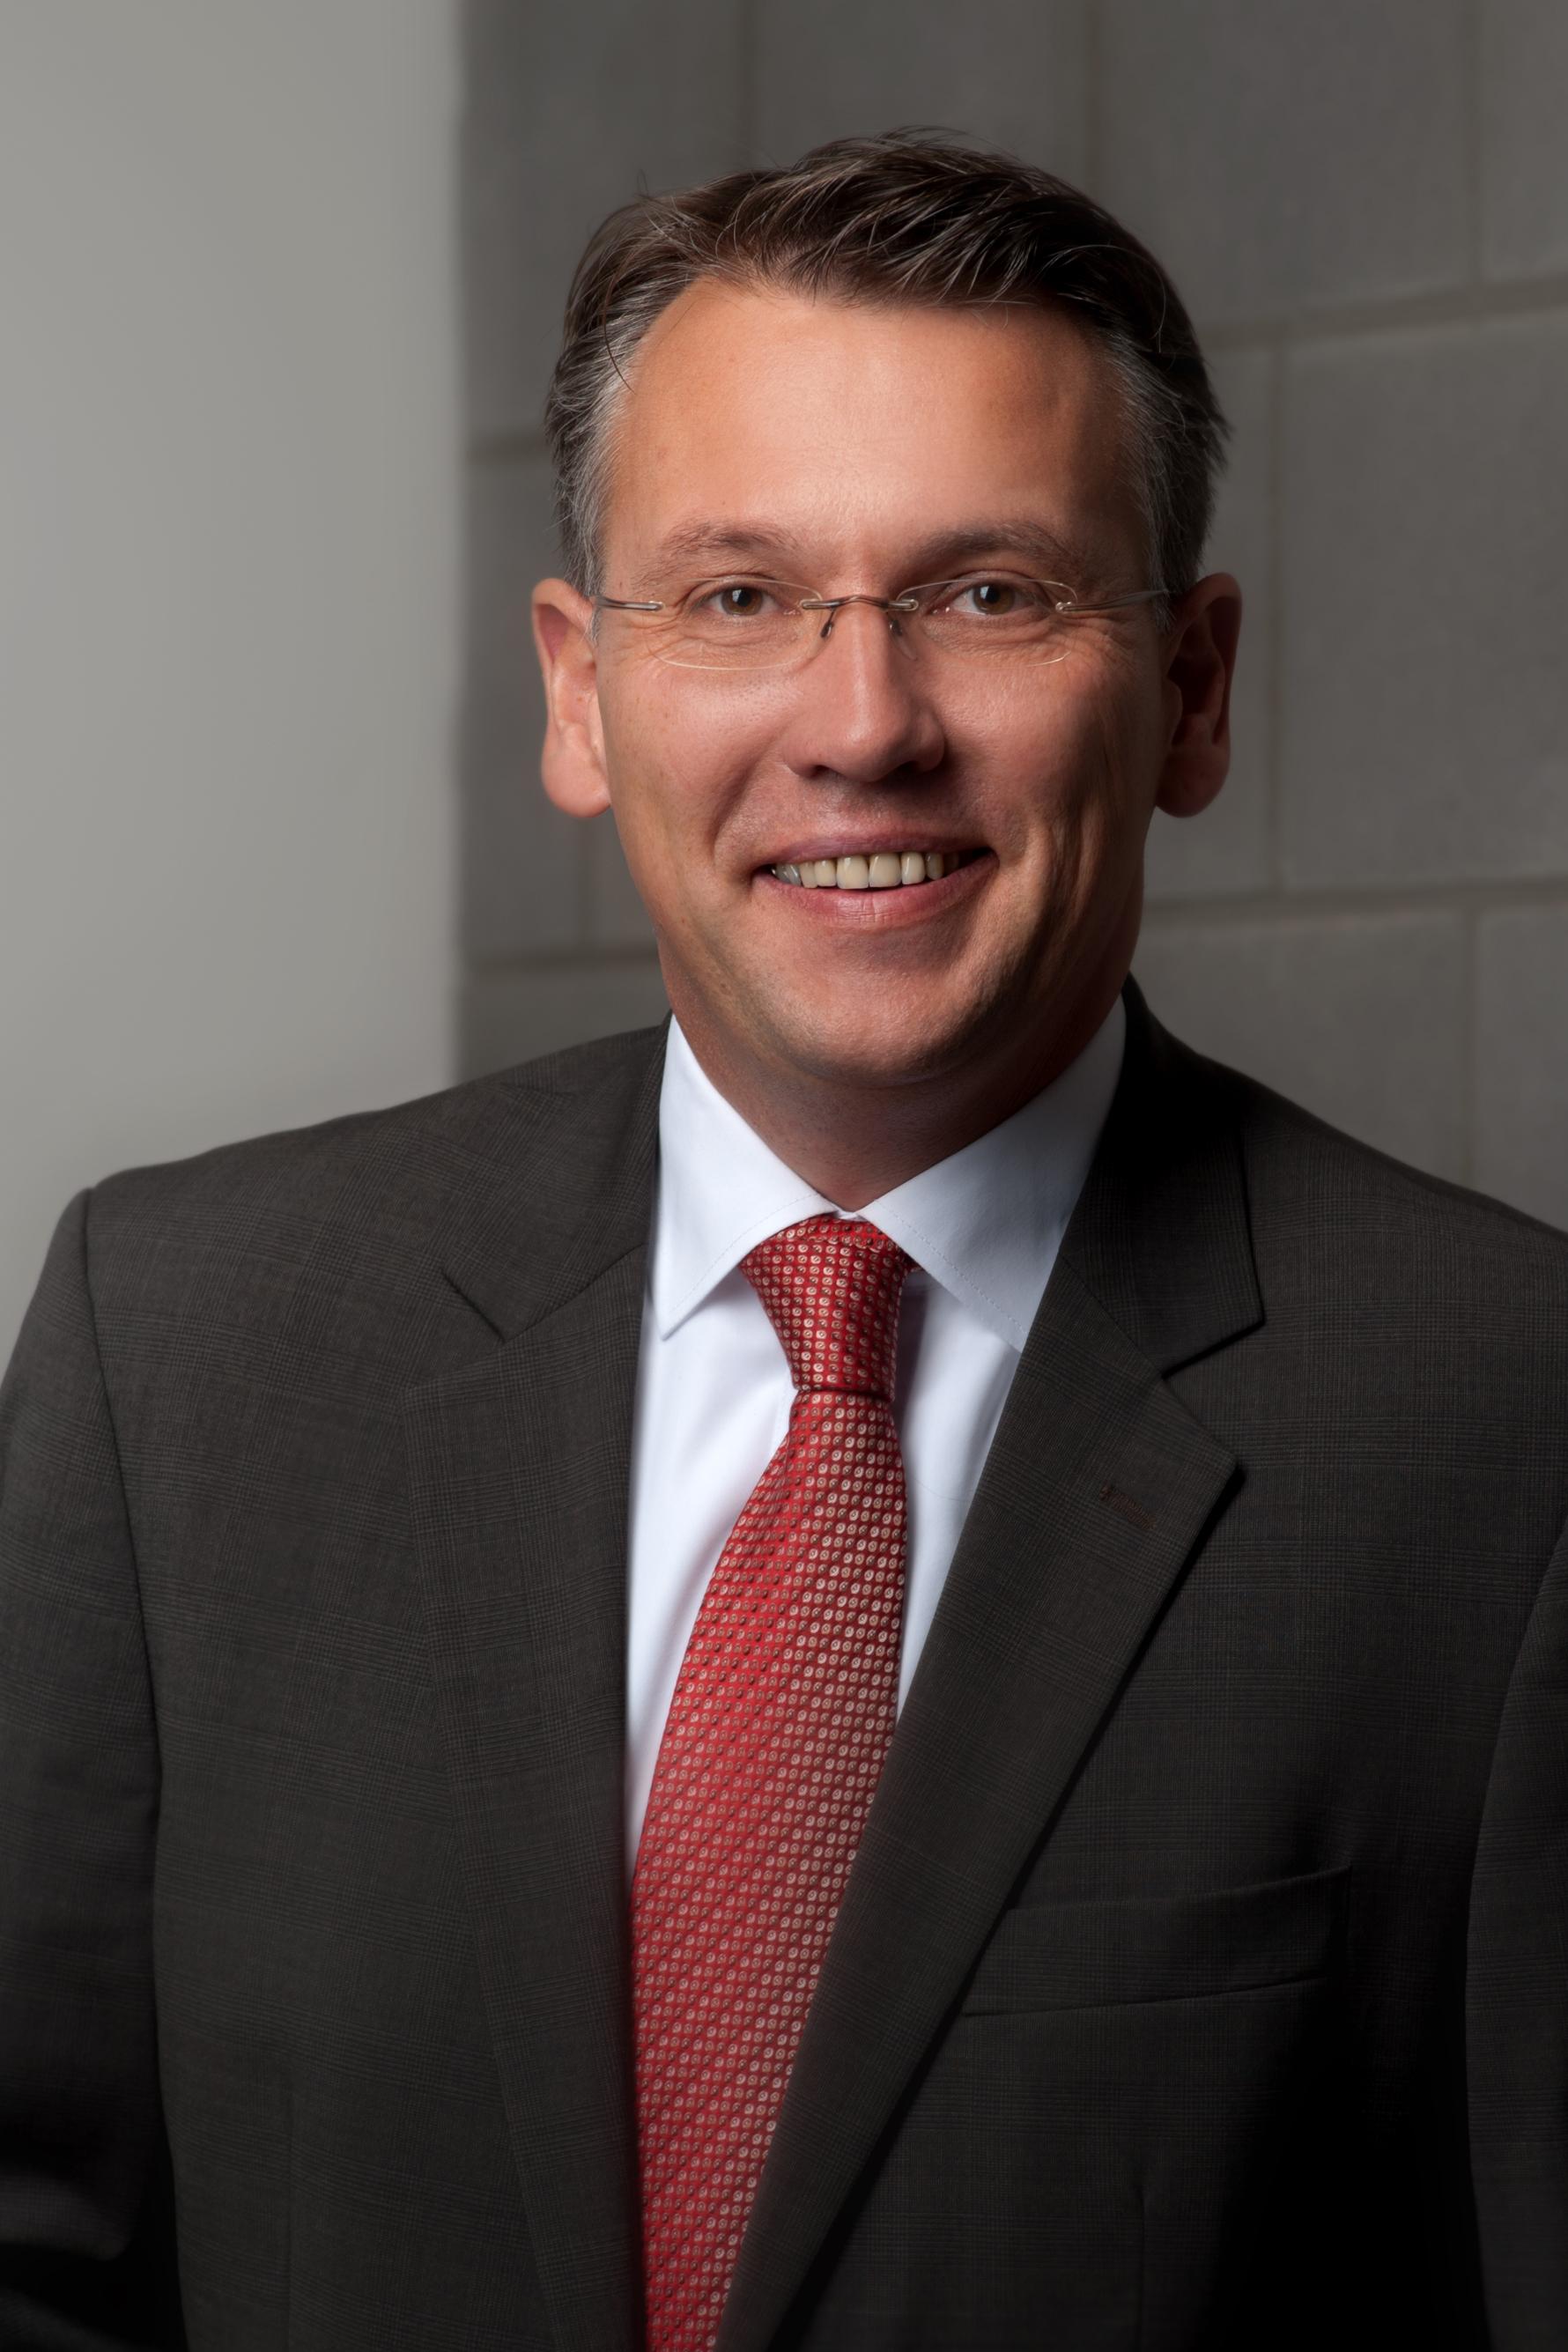 Markus Saatkamp